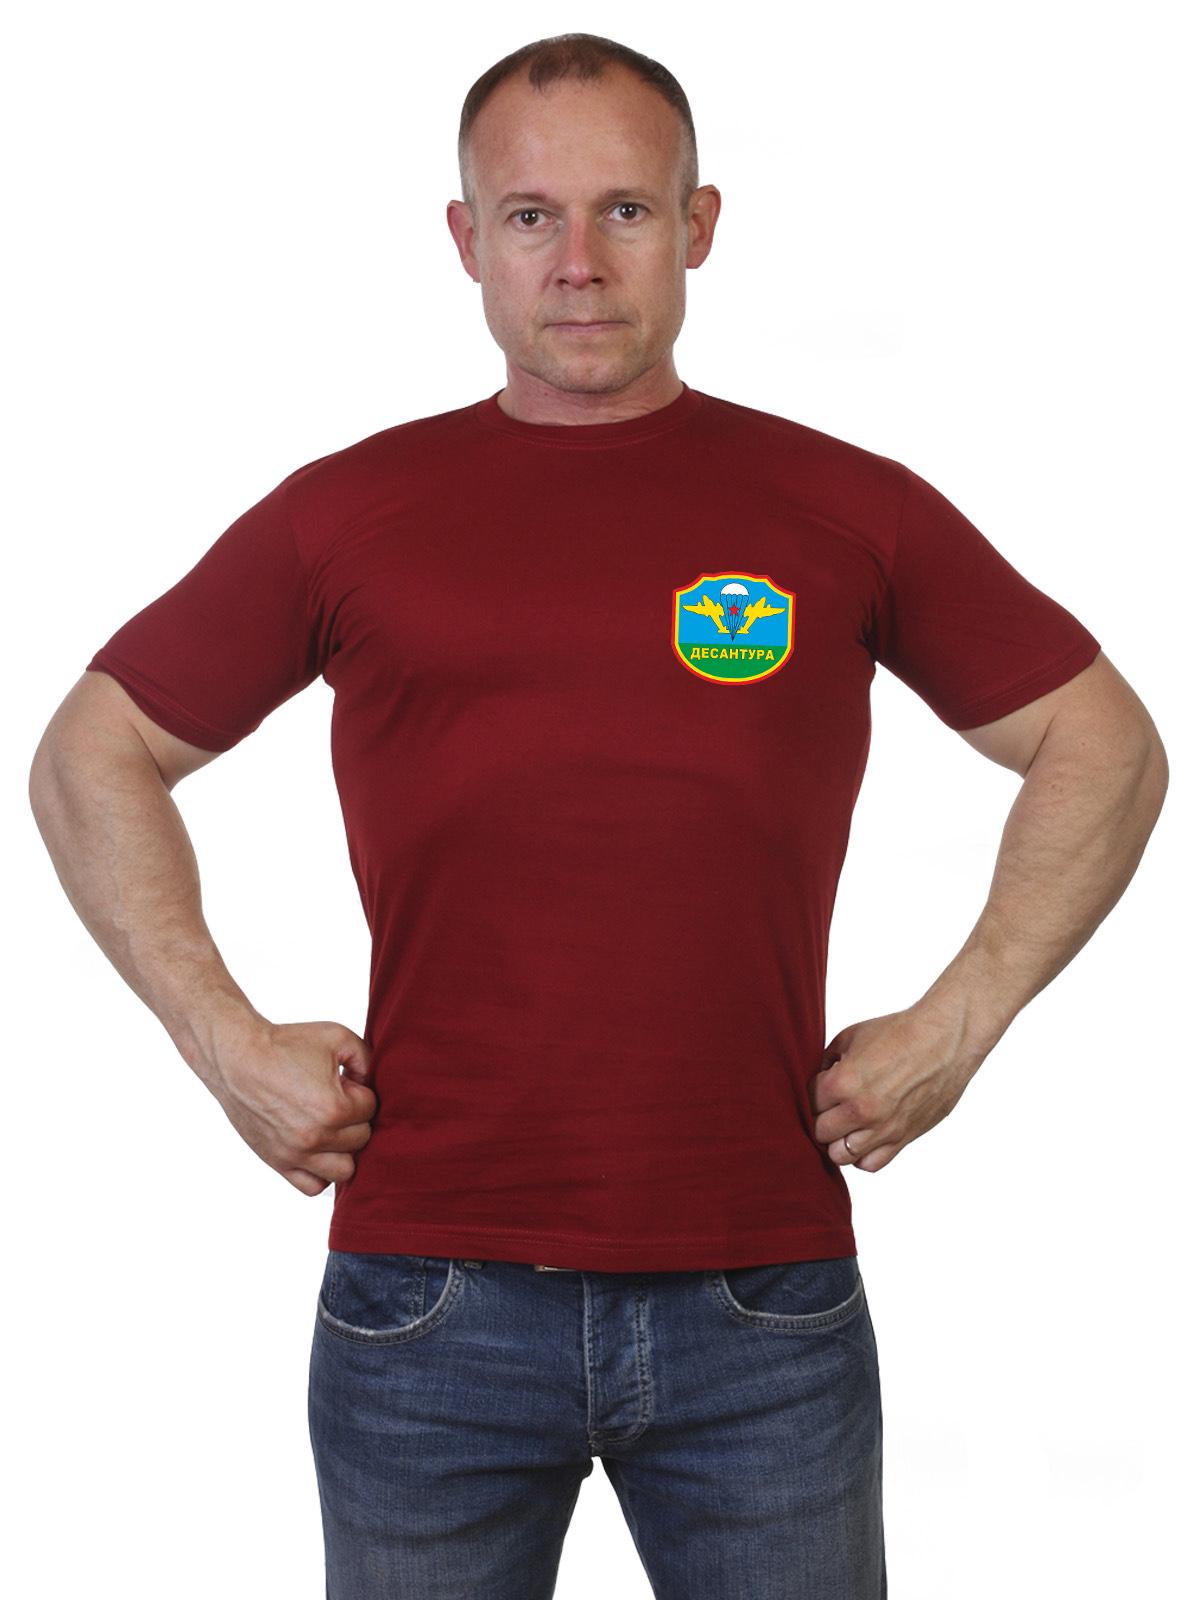 Заказать футболку с принтом ВДВ